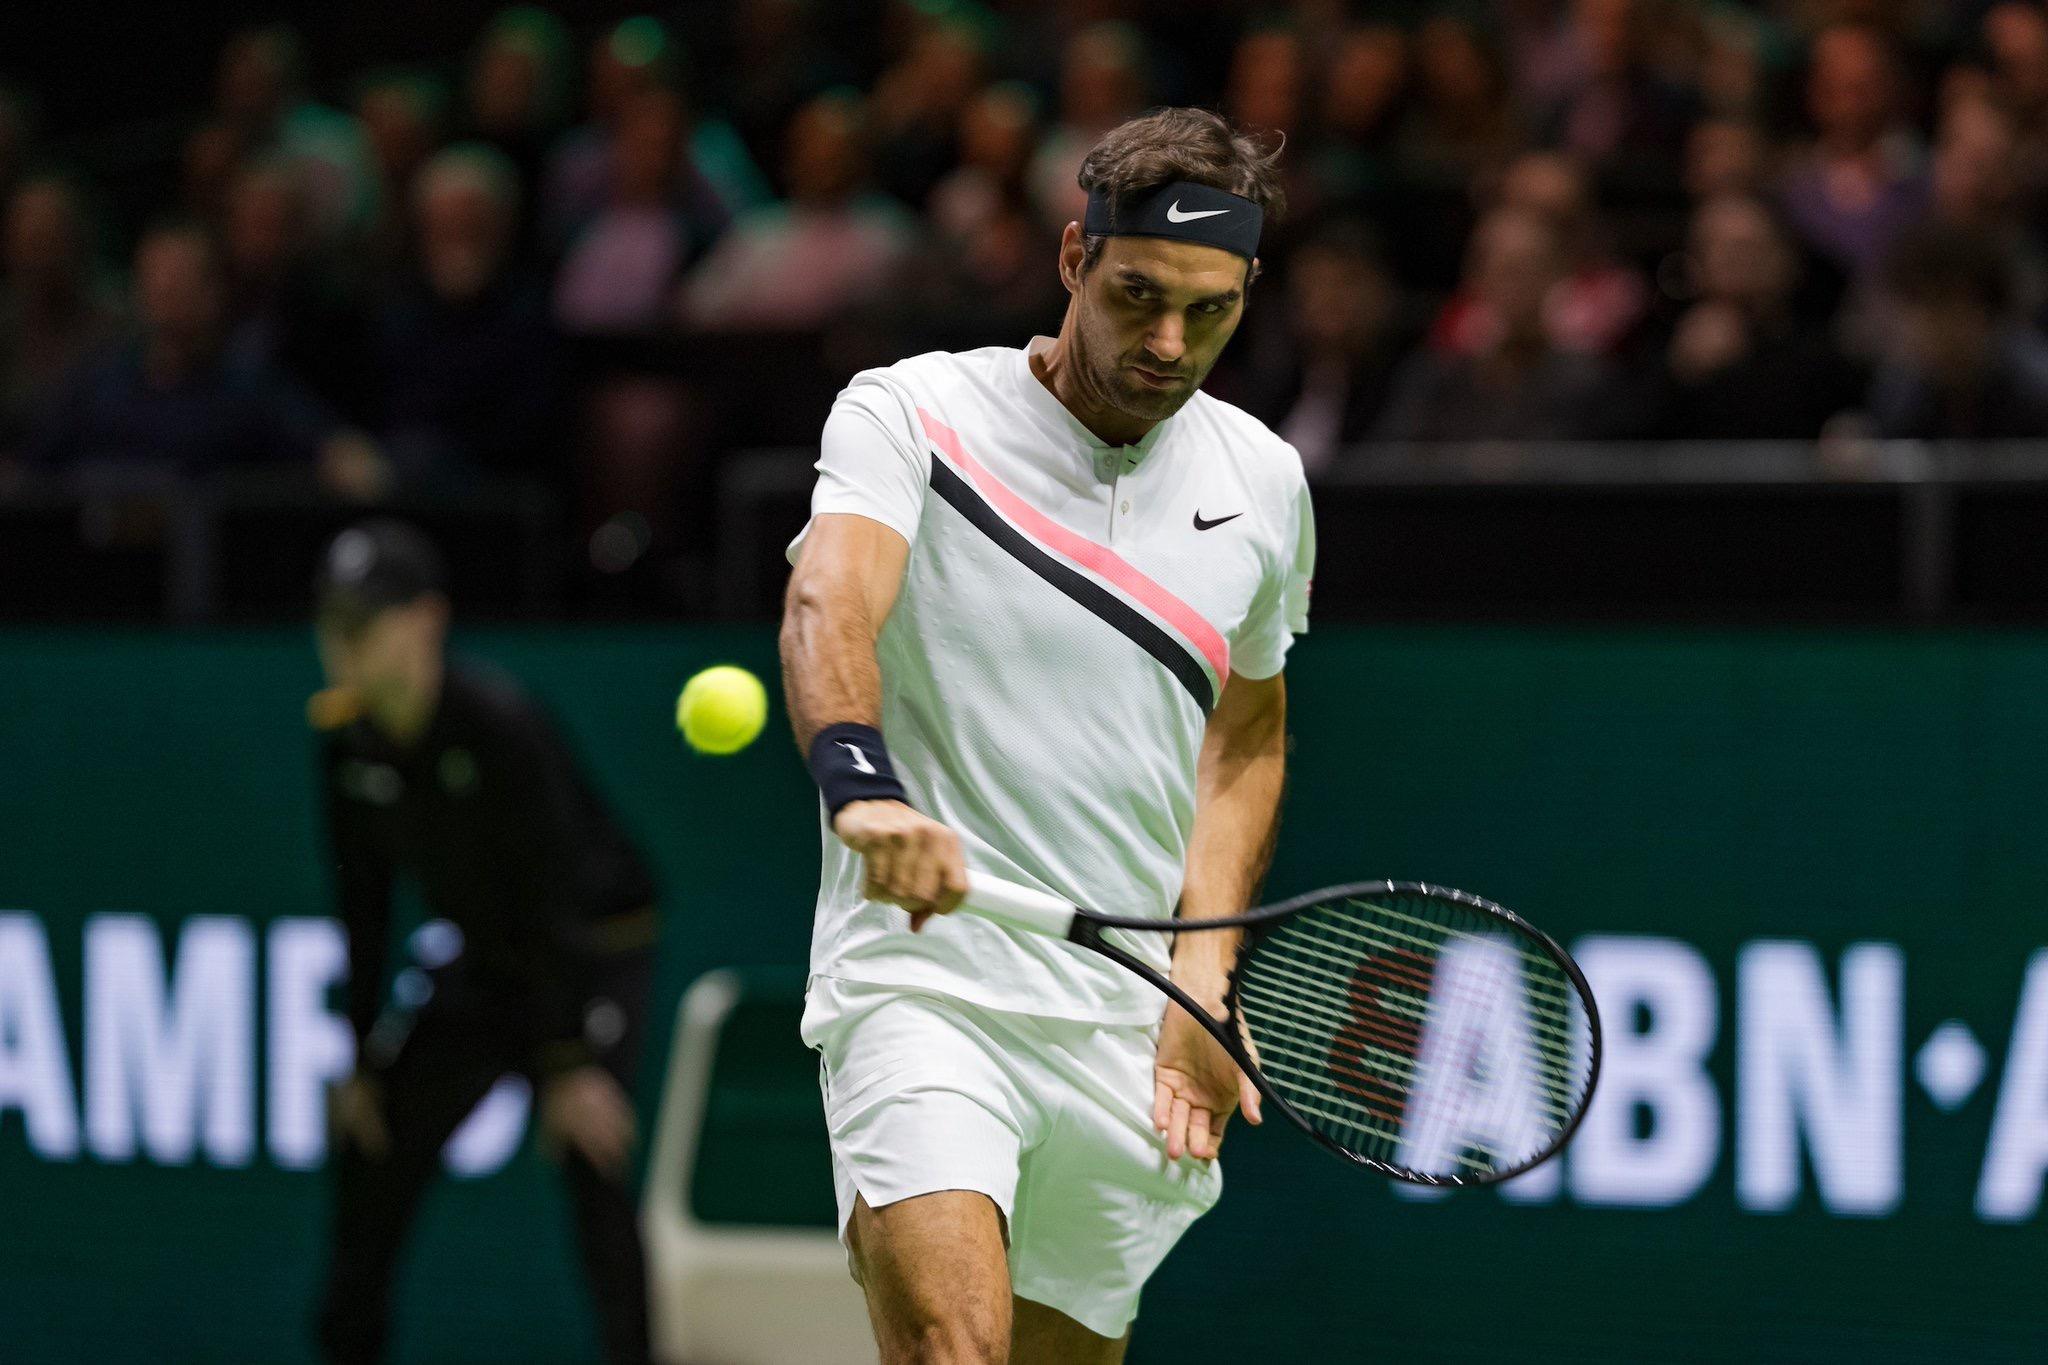 Roger Federer 2018 Rotterdam Open - ABN AMRO World Tennis Tournament - Federer Defeats Kohlschreiber in Rotterdam